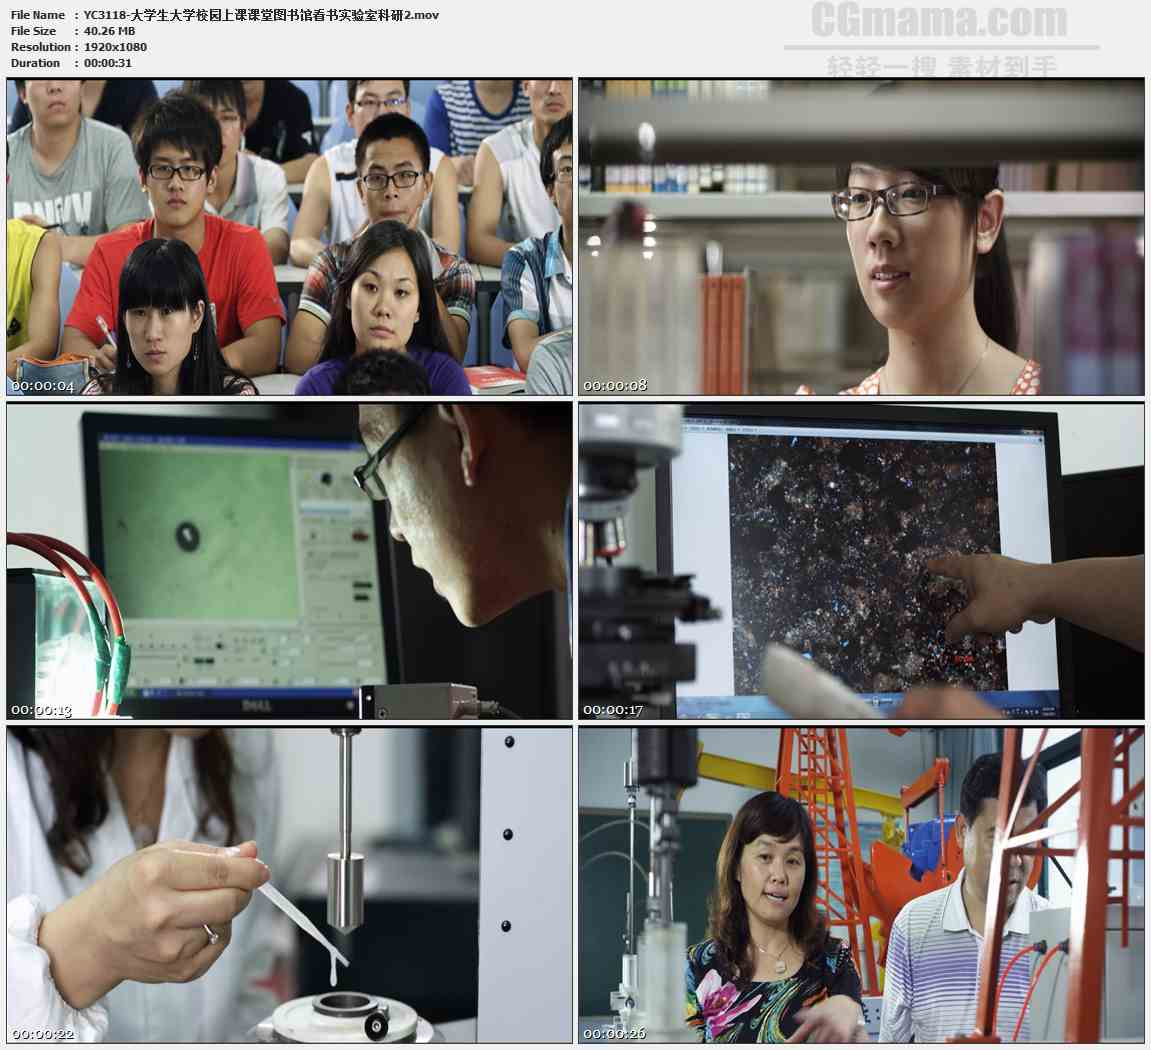 YC3118-大学生大学校园上课课堂图书馆看书实验室科研高清实拍视频素材